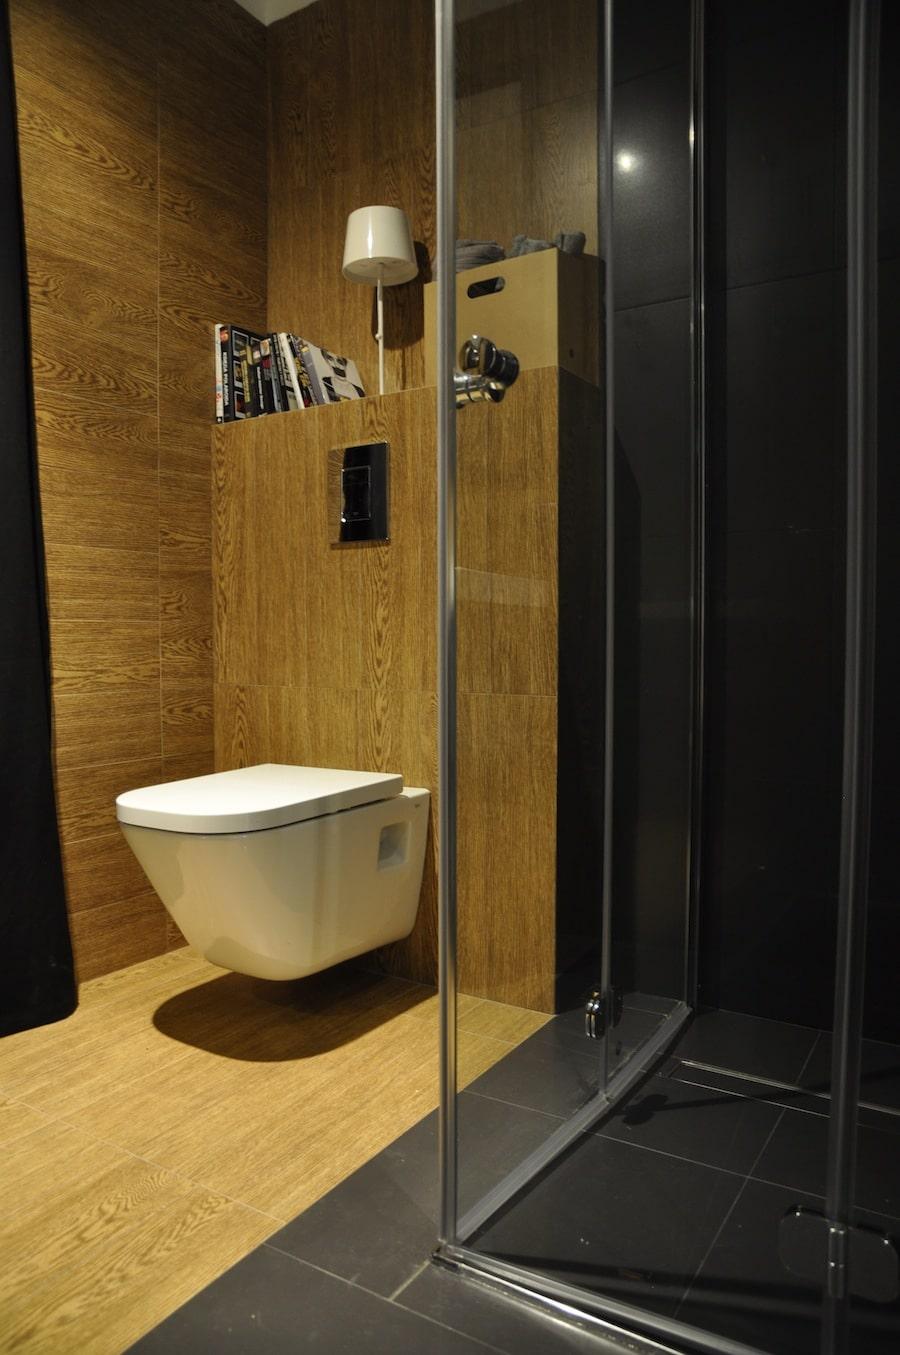 Aranżacja łazienki W Drewnie Nowoczesnie I Przytulnie Deko Radypl